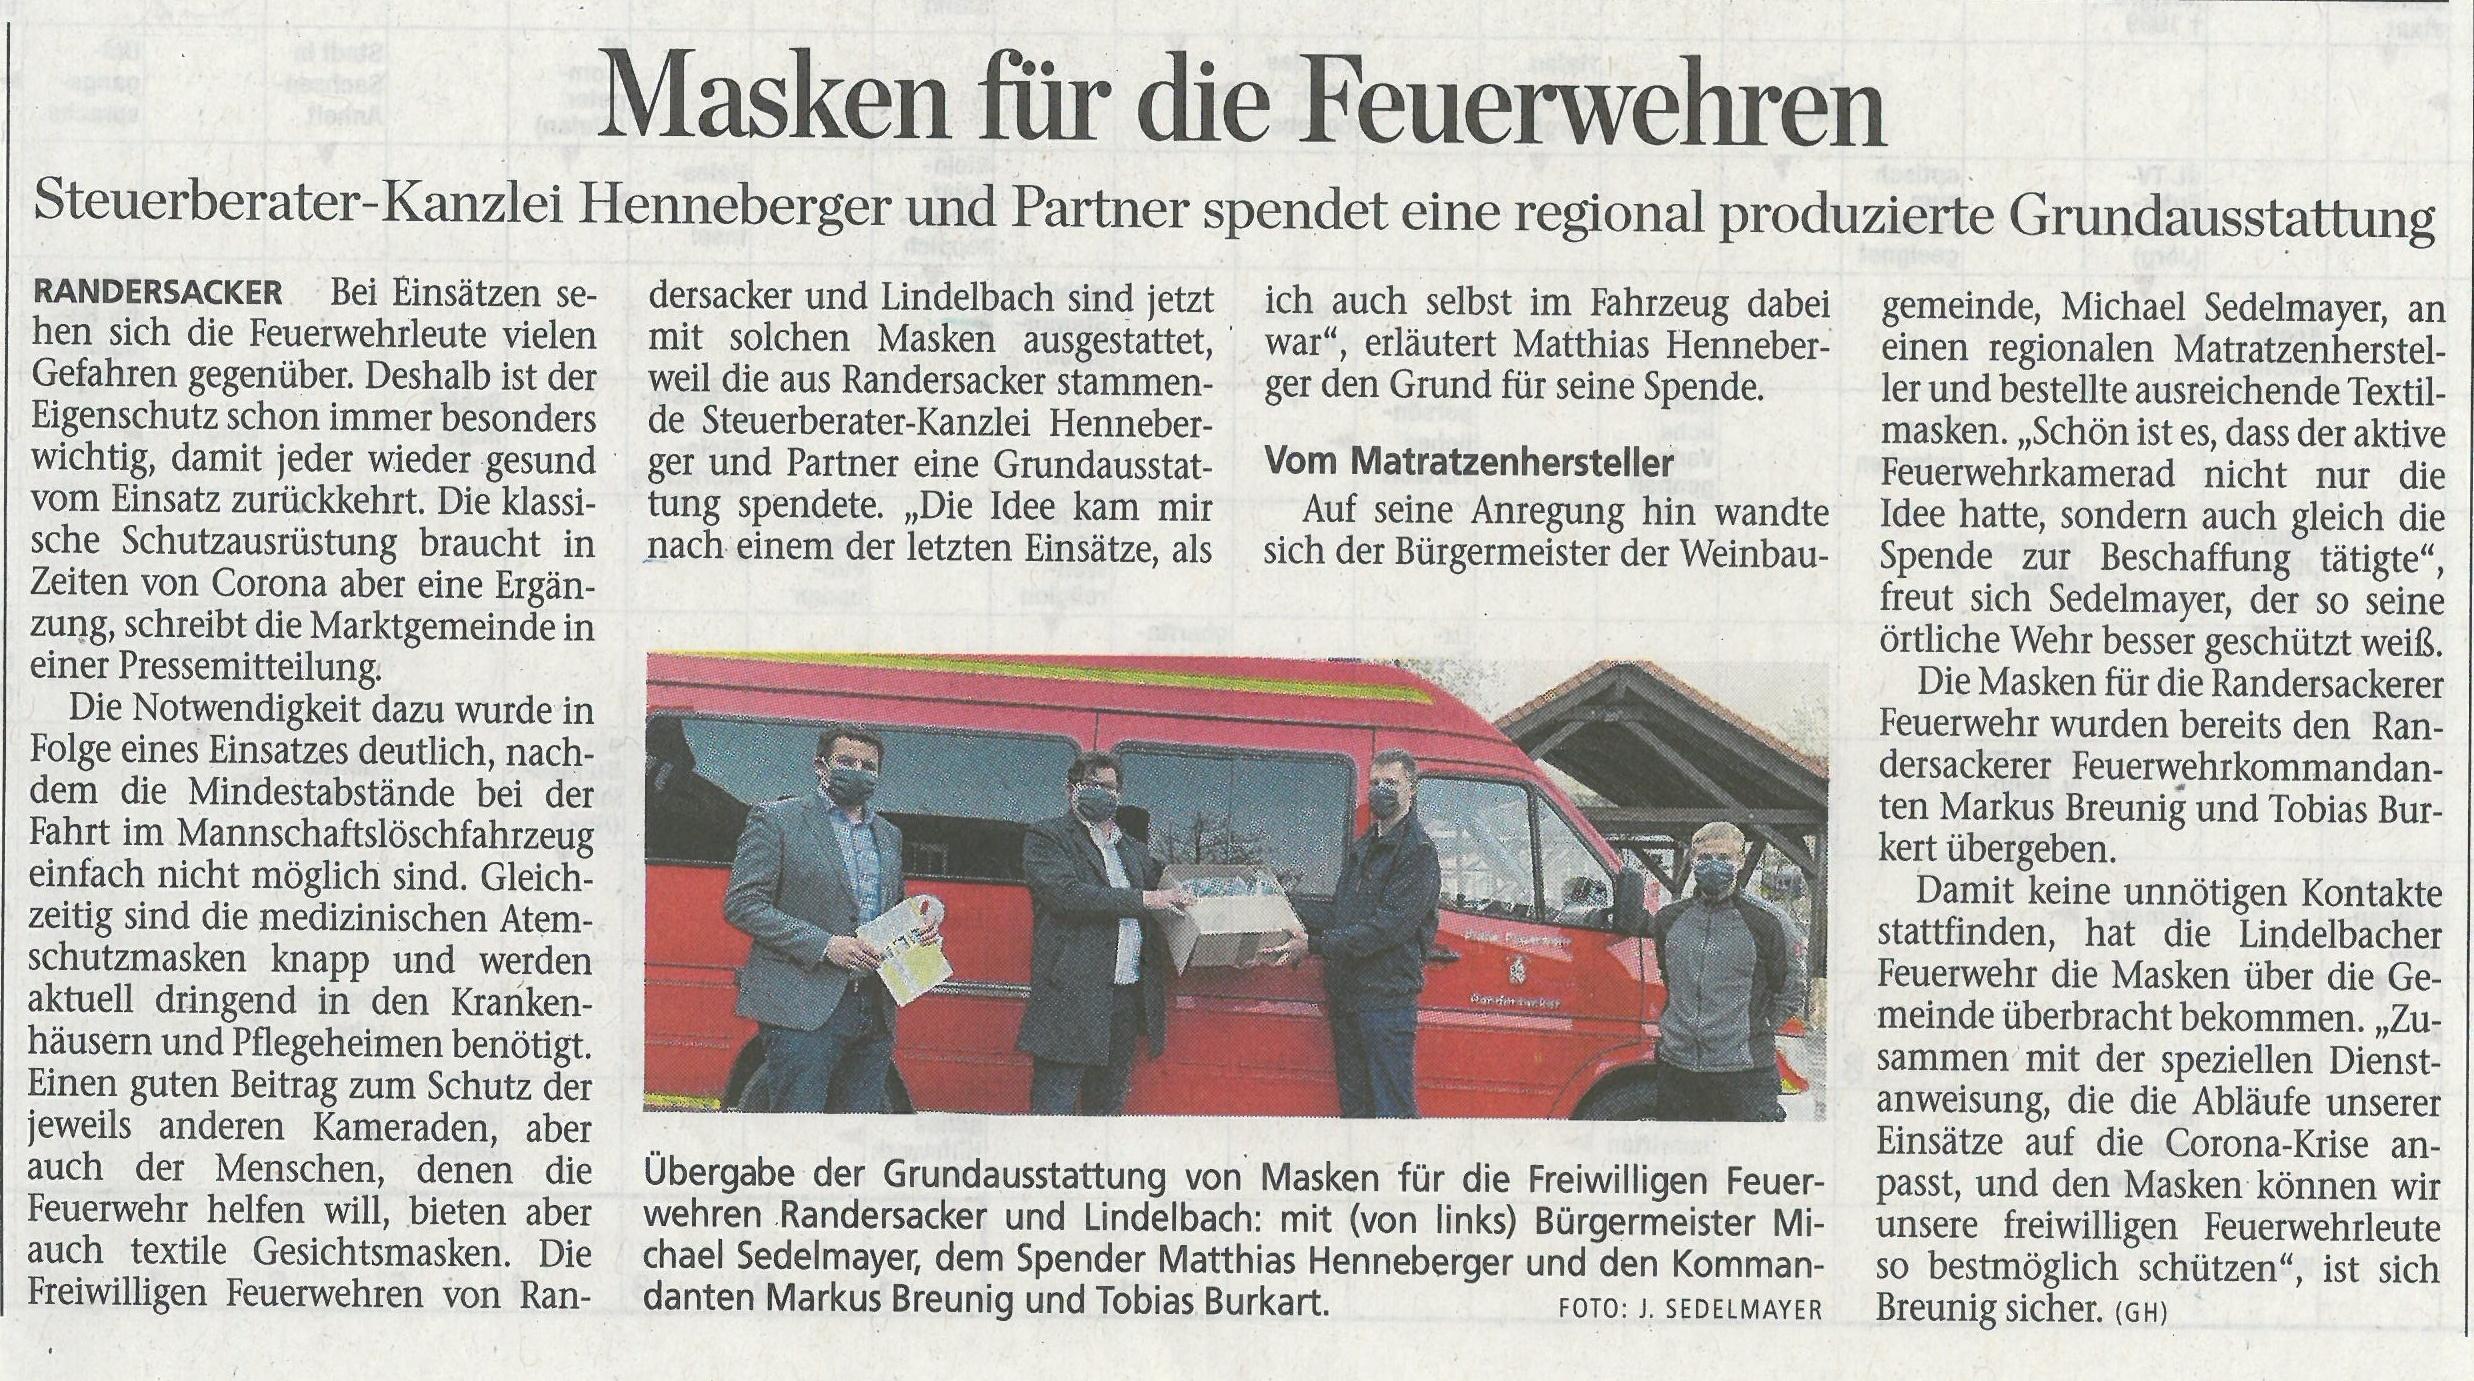 Masken für die Feuerwehr - HENNEBERGER und Partner spendet Grundausstattung